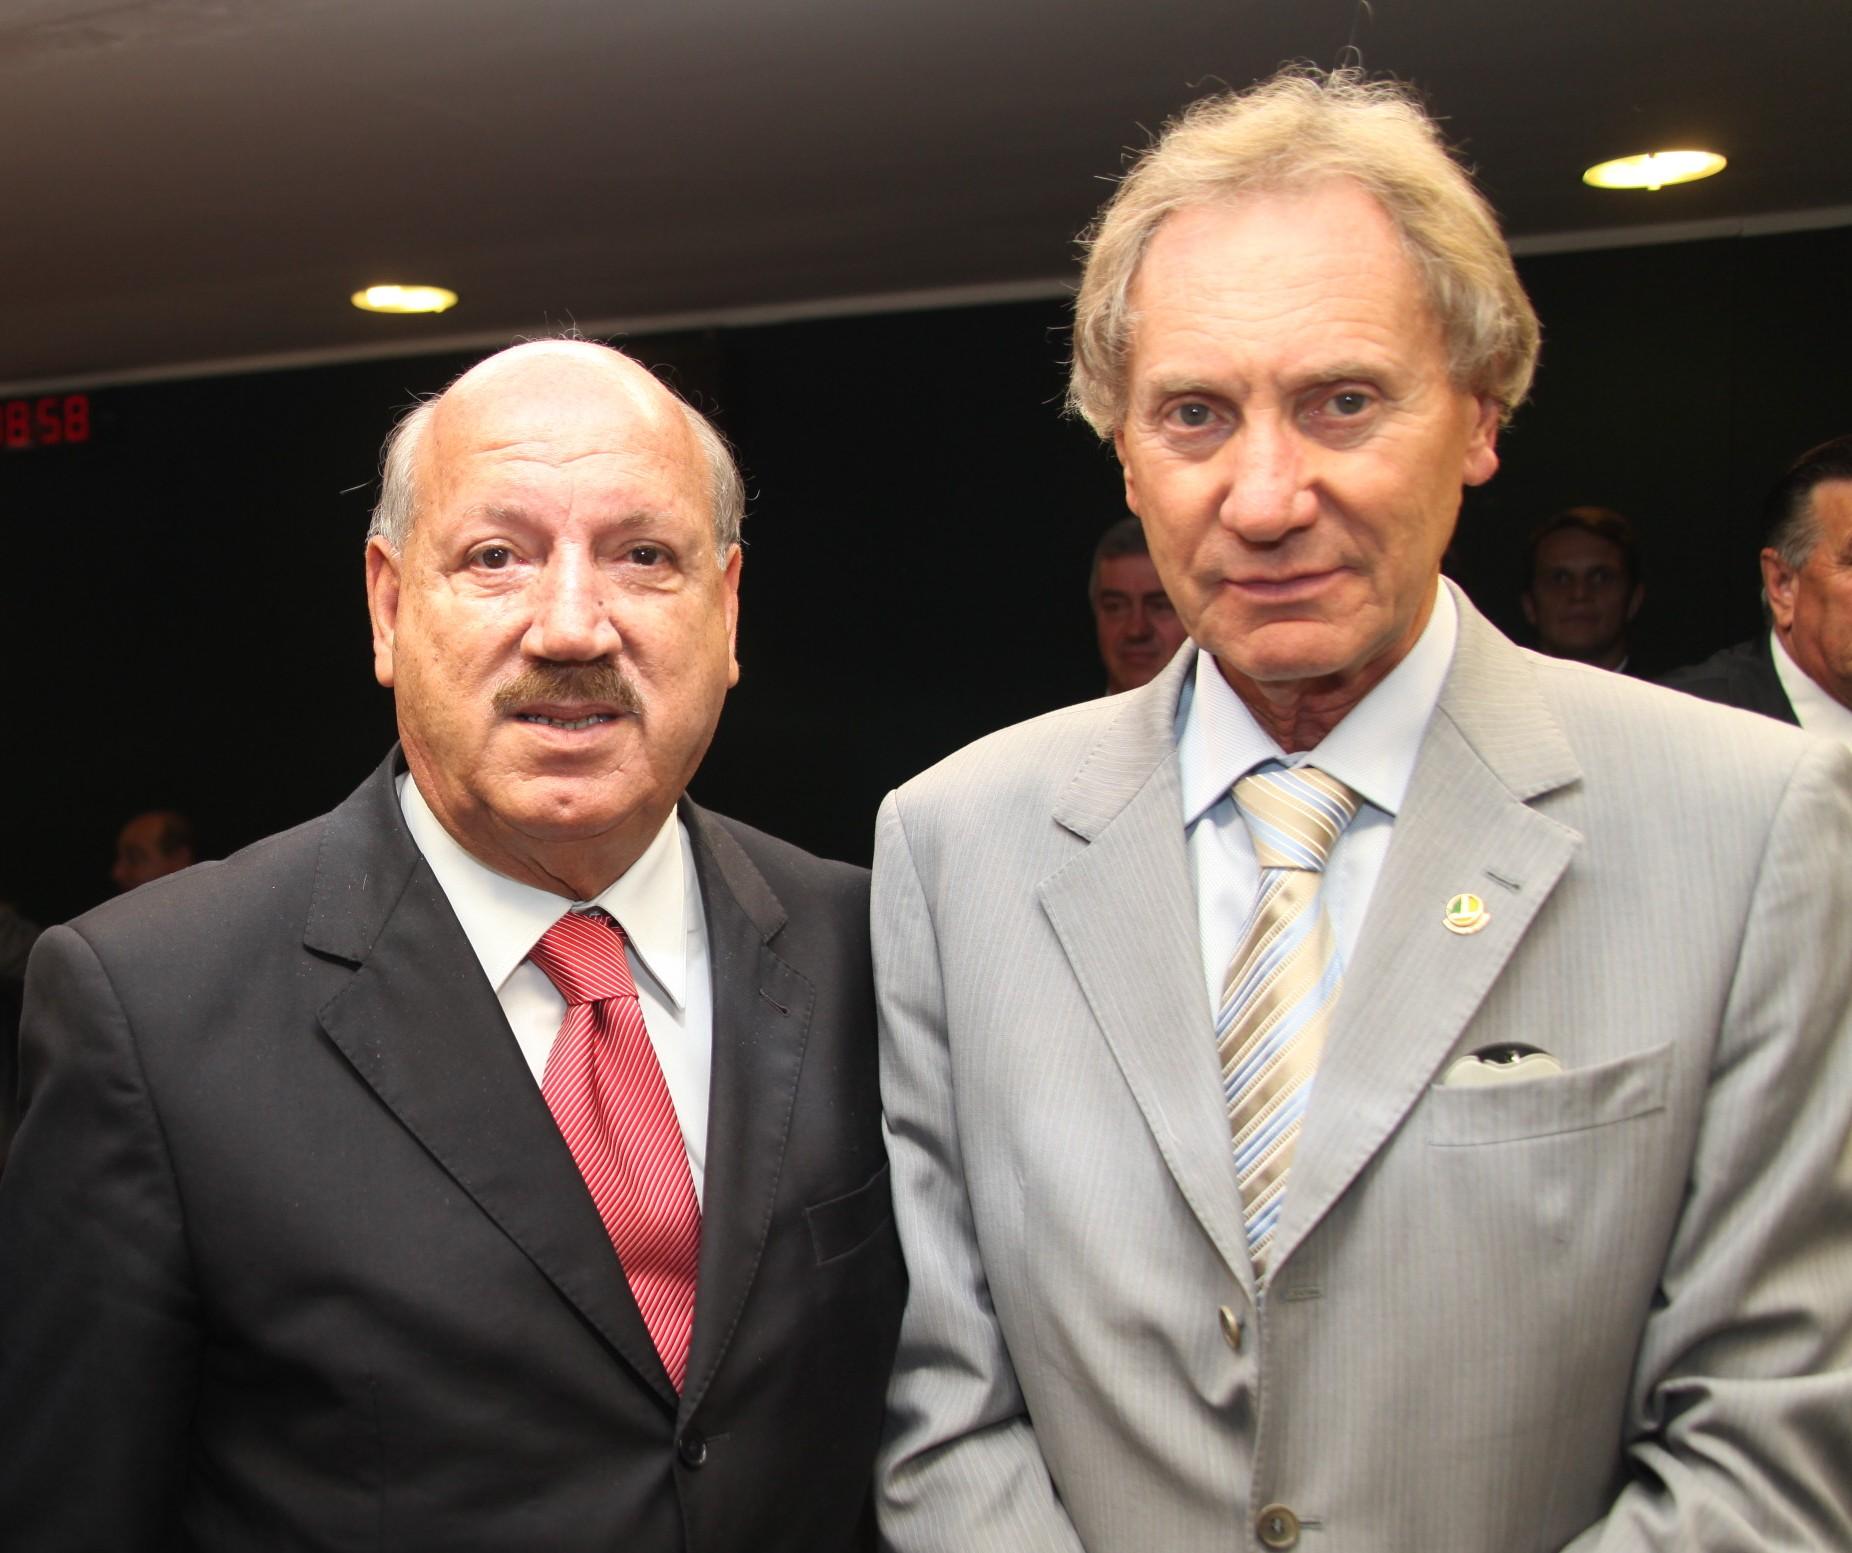 Luiz Henrique da Silveira e Casildo Maldaner, então senadores, em 2013